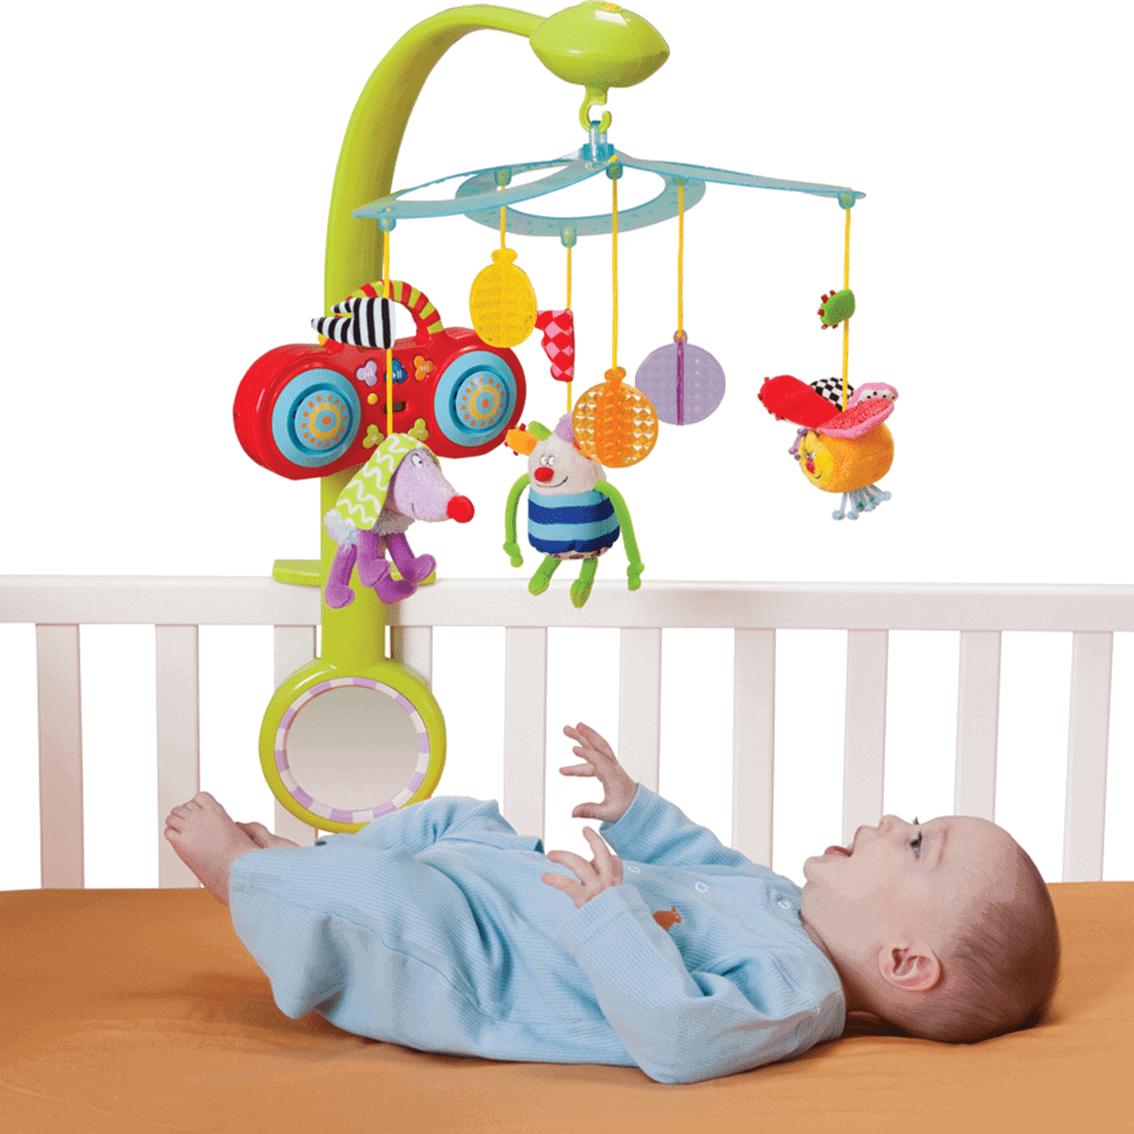 đồ chơi cho bé 6 tháng vui chơi an toàn